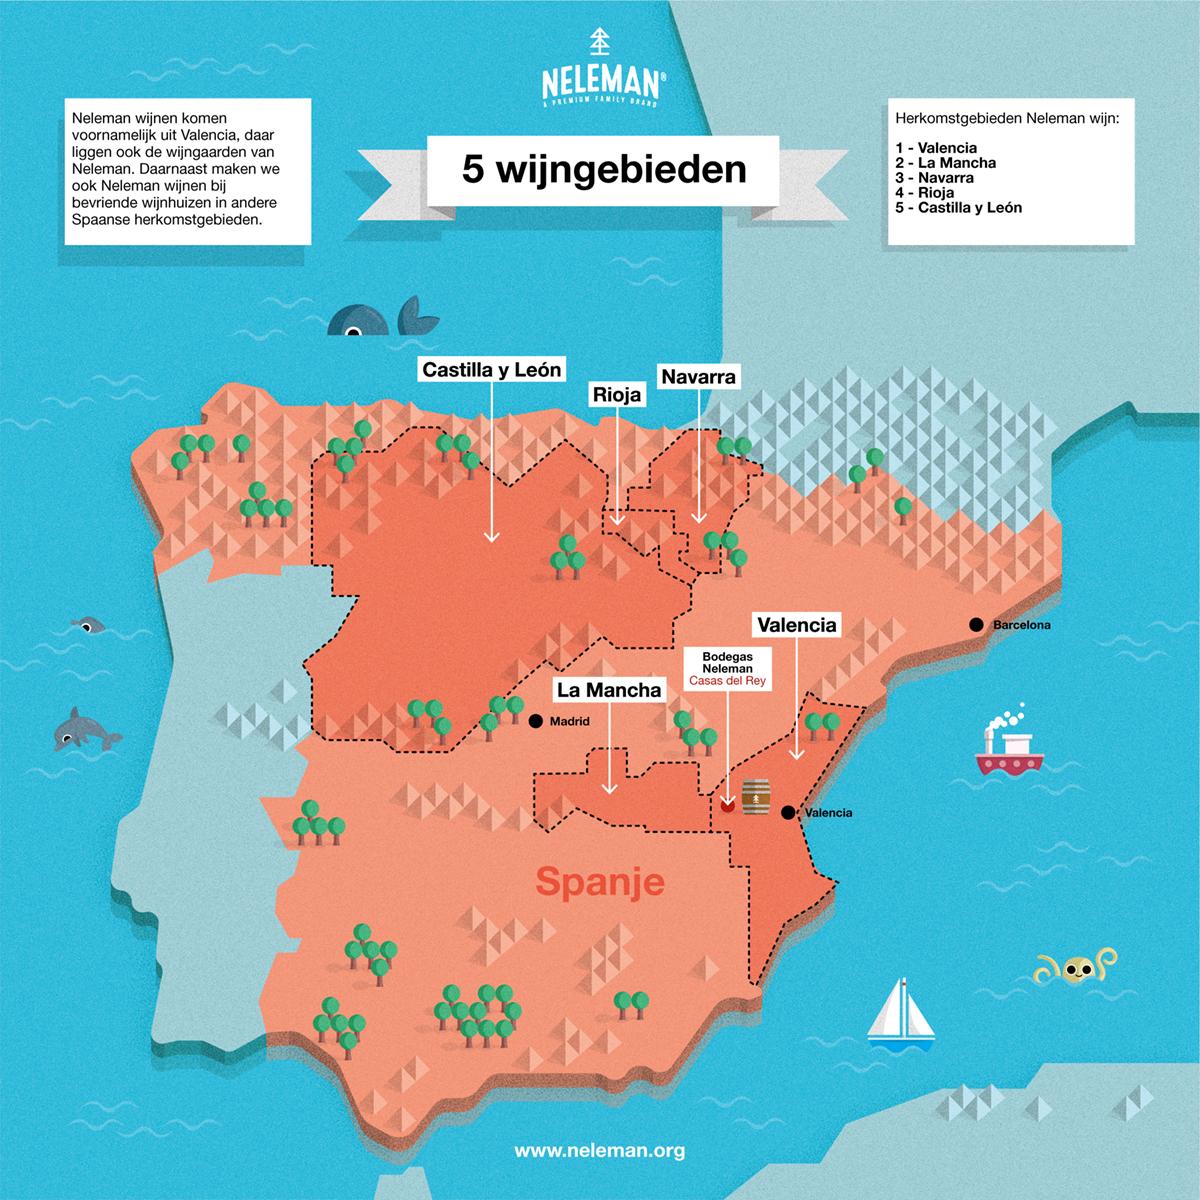 Wijngebieden kaart voor Neleman